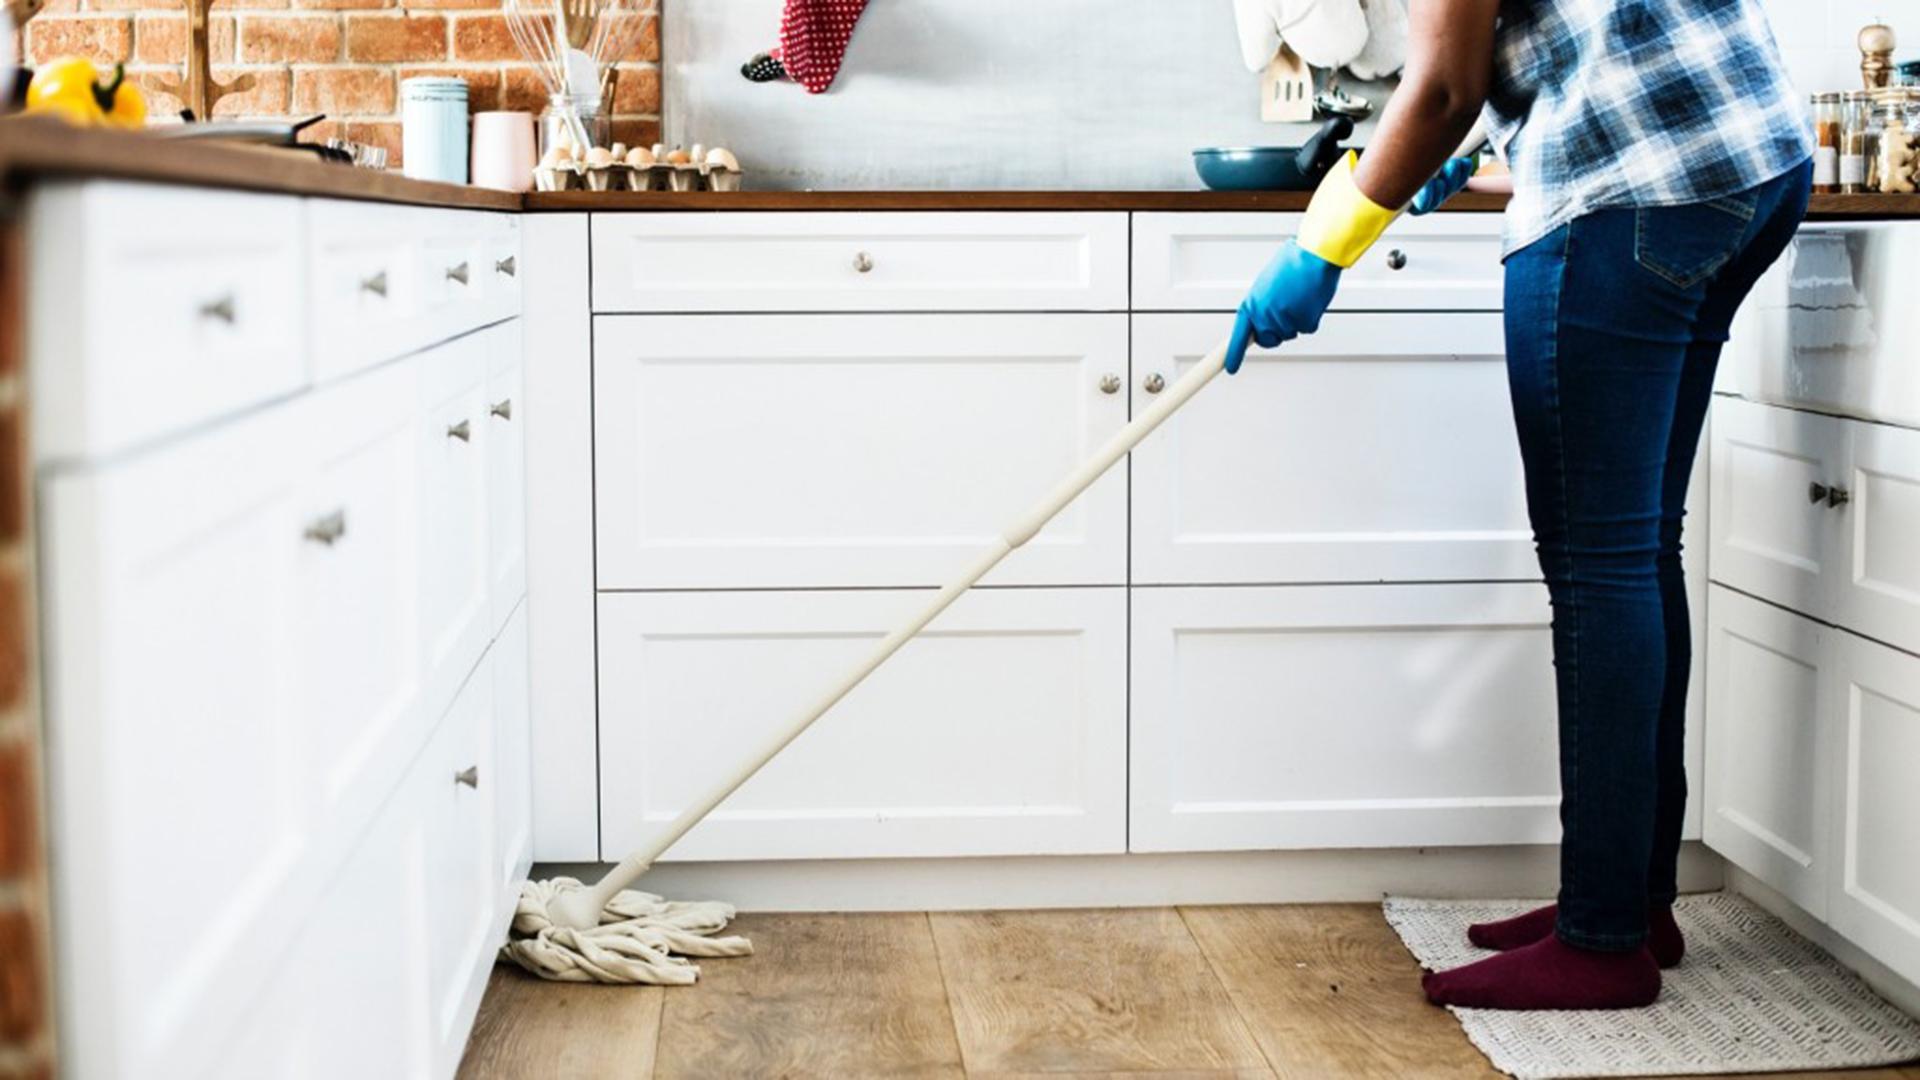 Algunas tareas hogareñaspueden ser más efectivas si se sistematizan